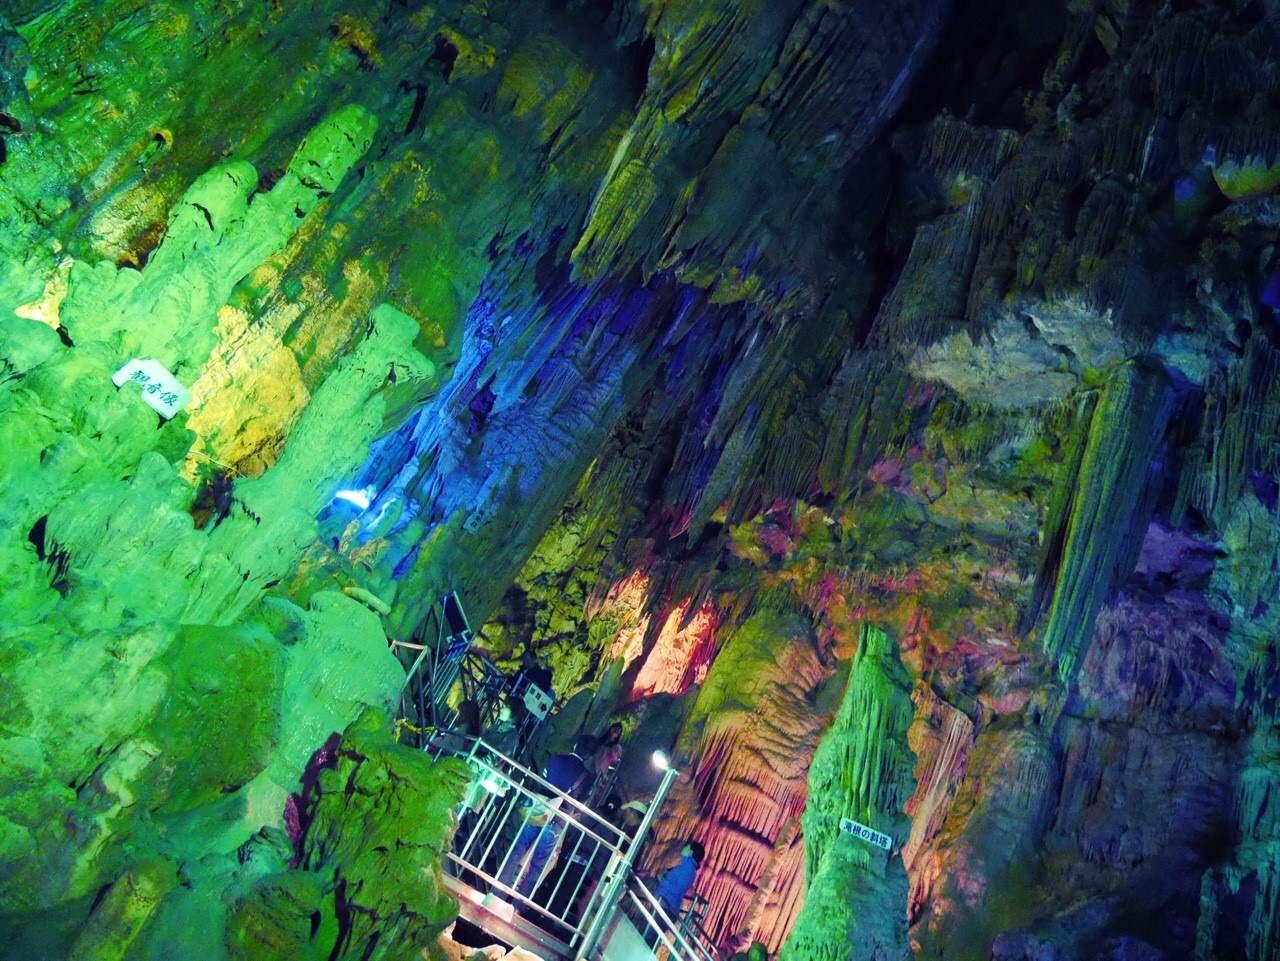 【福島】幻想的な地底探検に出かけよう!